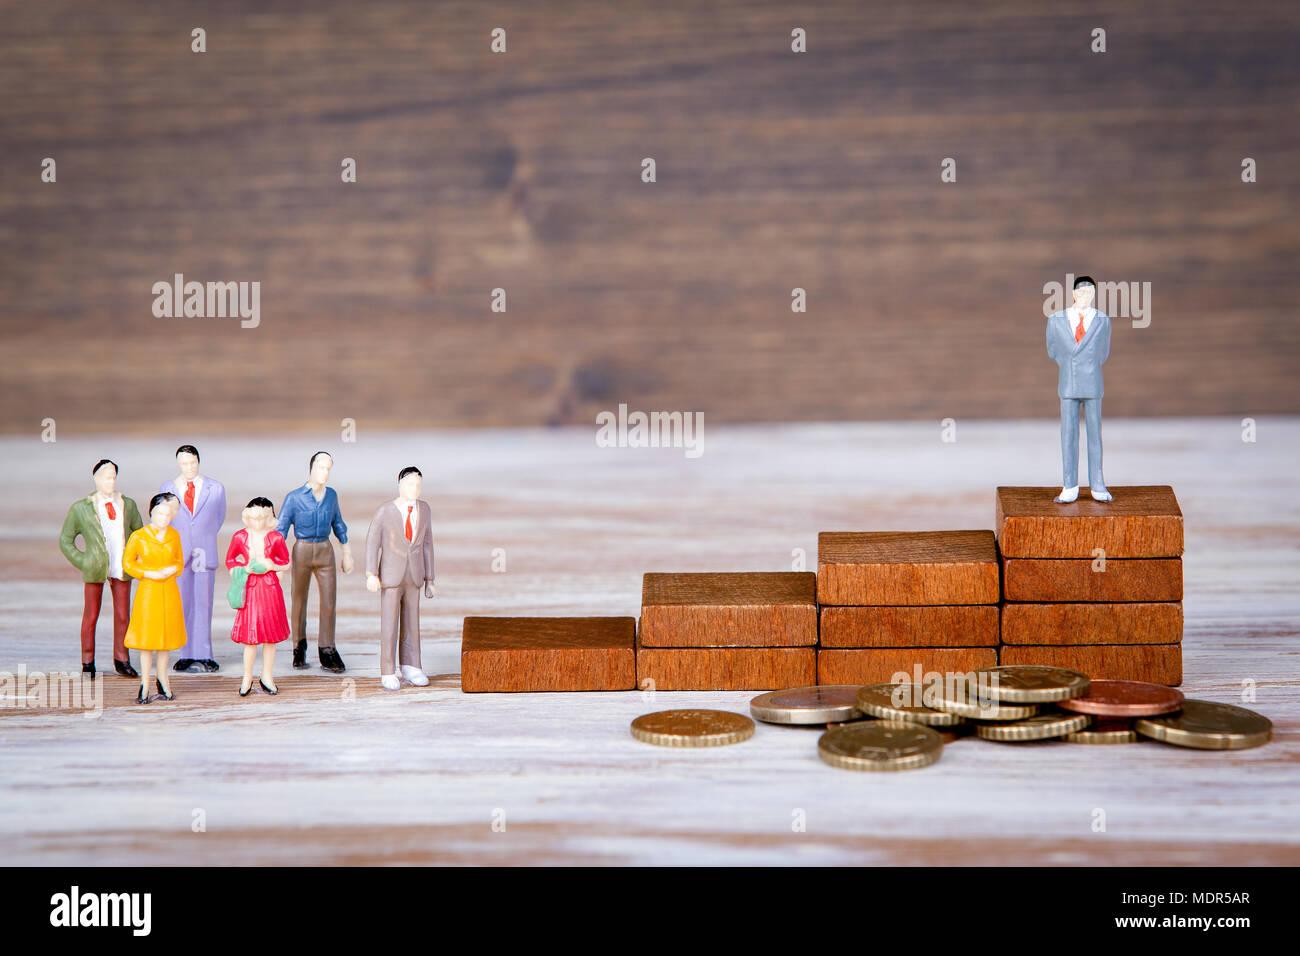 Karriereleiter. Die Zukunft der Arbeit, Wettbewerb und geschäftlichen Hintergrund. Bunte menschliche Figuren Stockbild